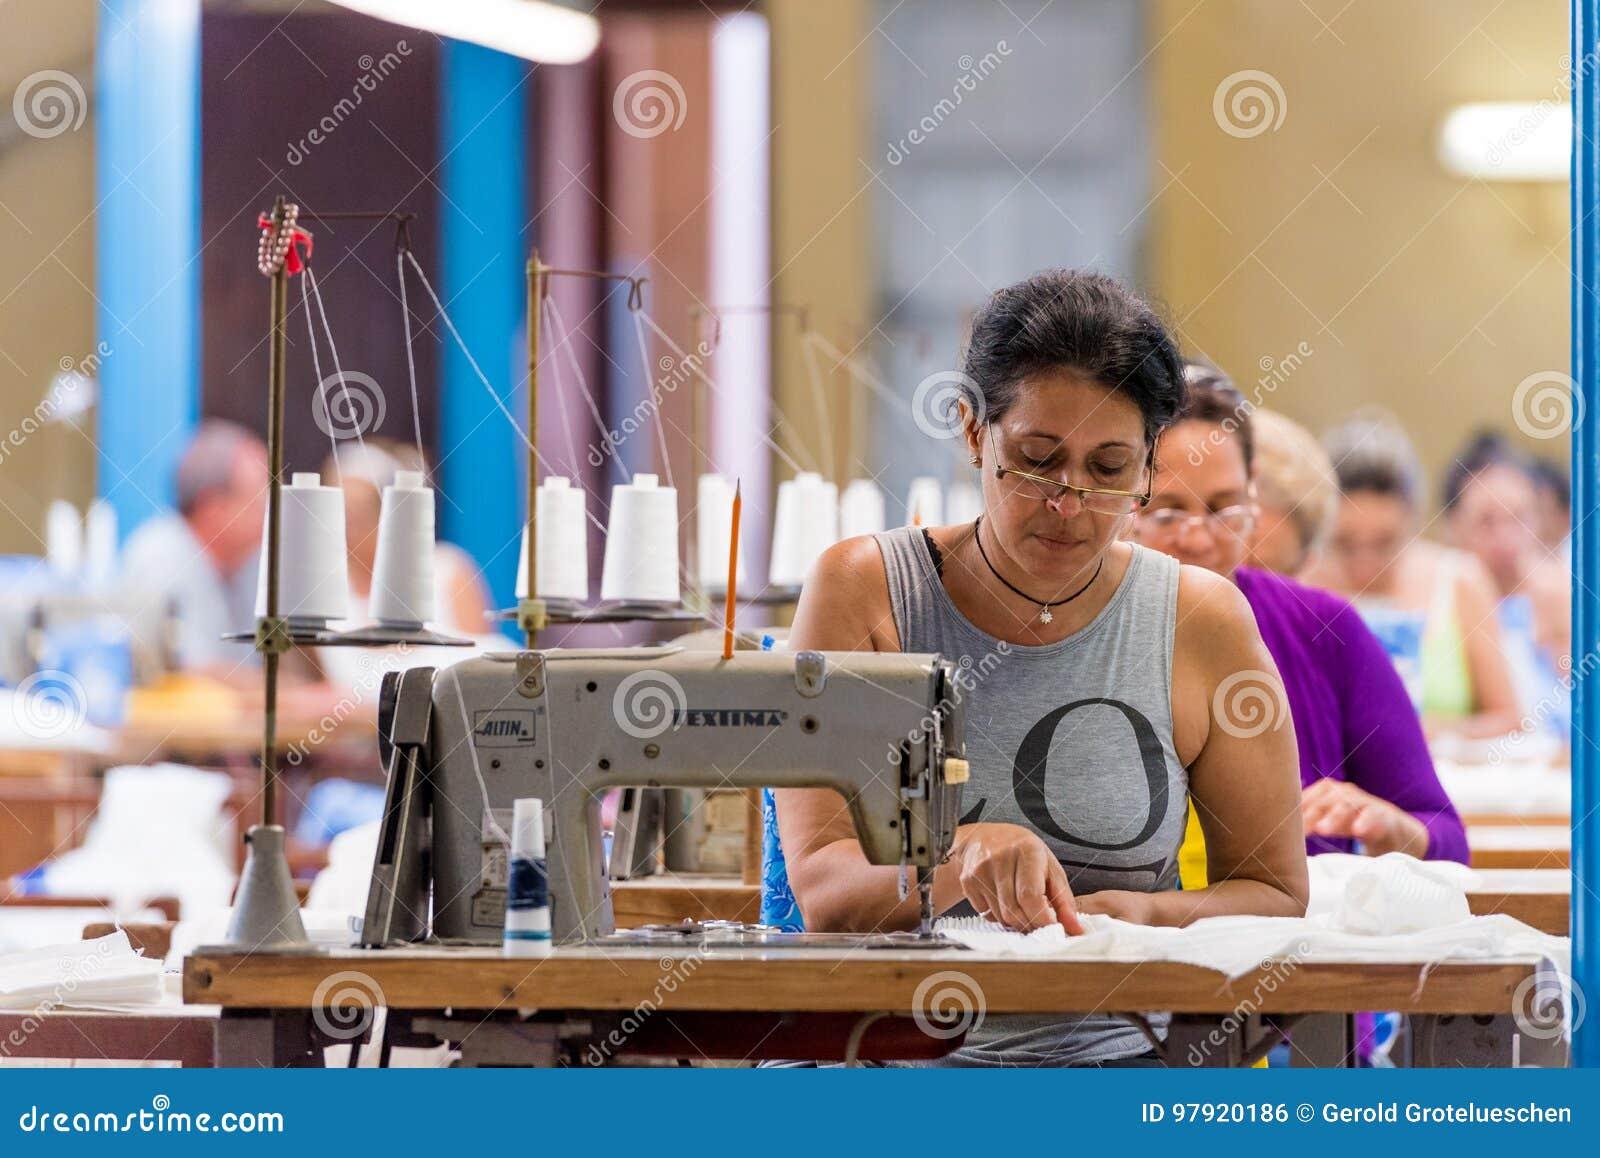 KUBA HAVANNACIGARR - MAJ 5, 2017: Arbetare på plaggfabriken kopiera avstånd